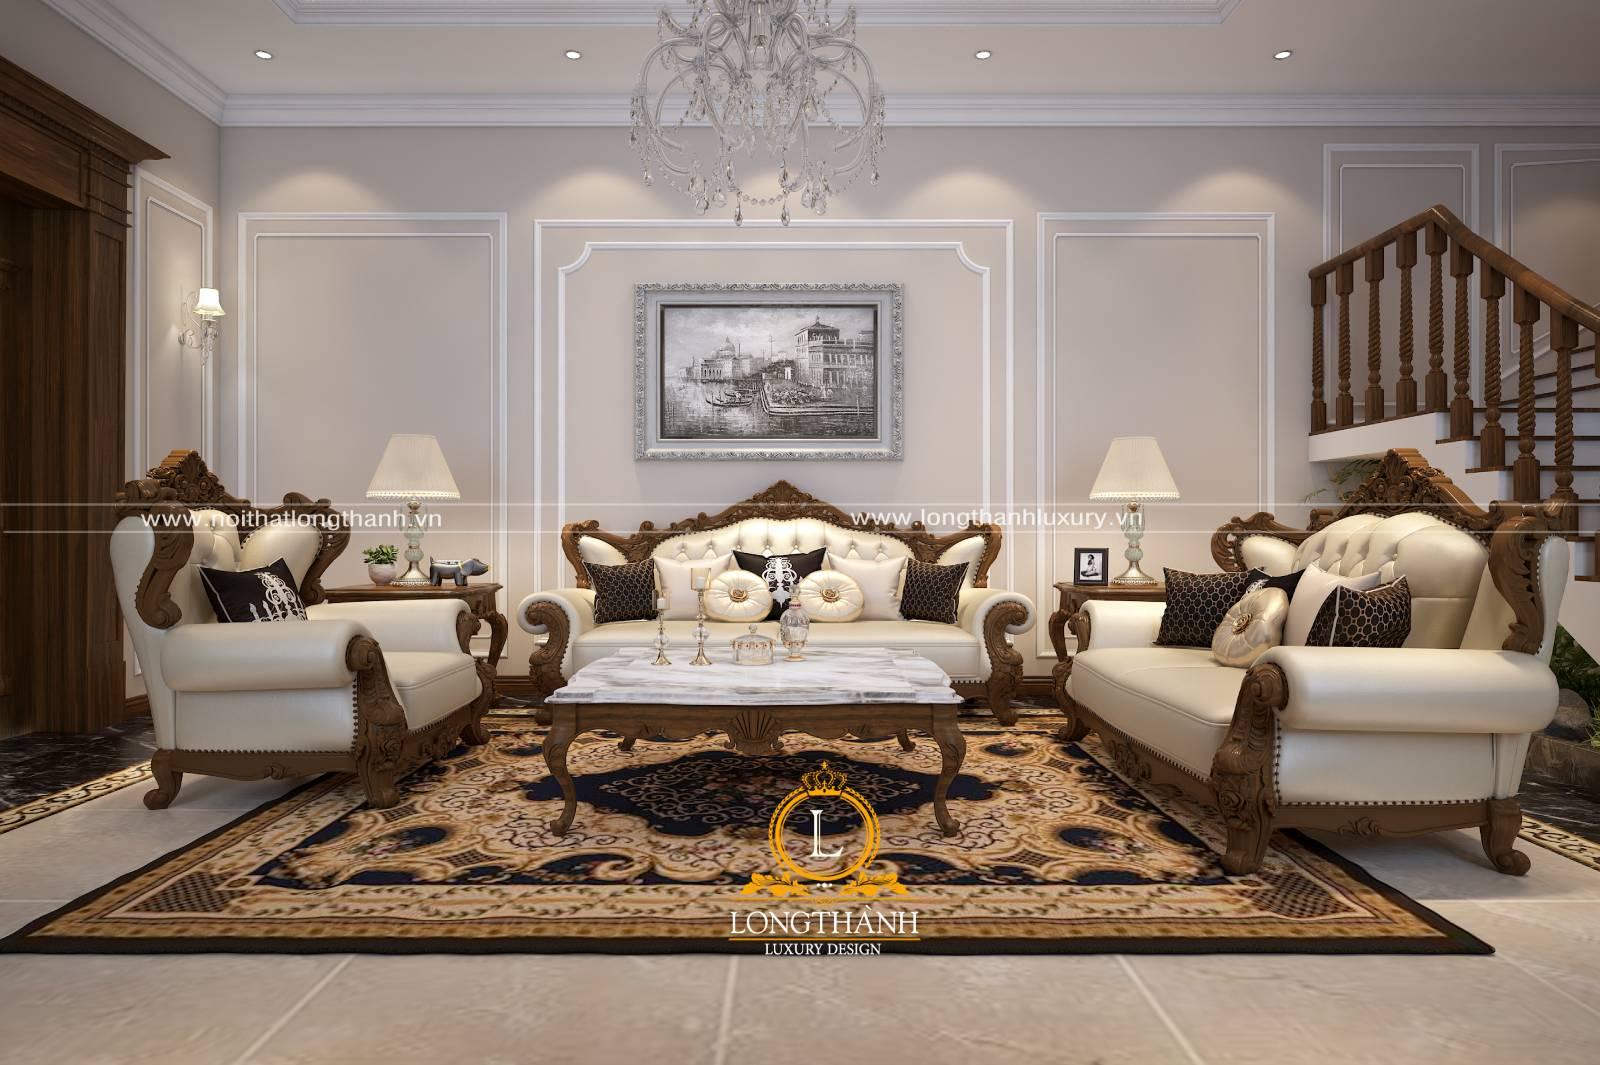 Sofa gỗ tự nhiên bọc da đem lại cảm giác thoải mái cho người dùng